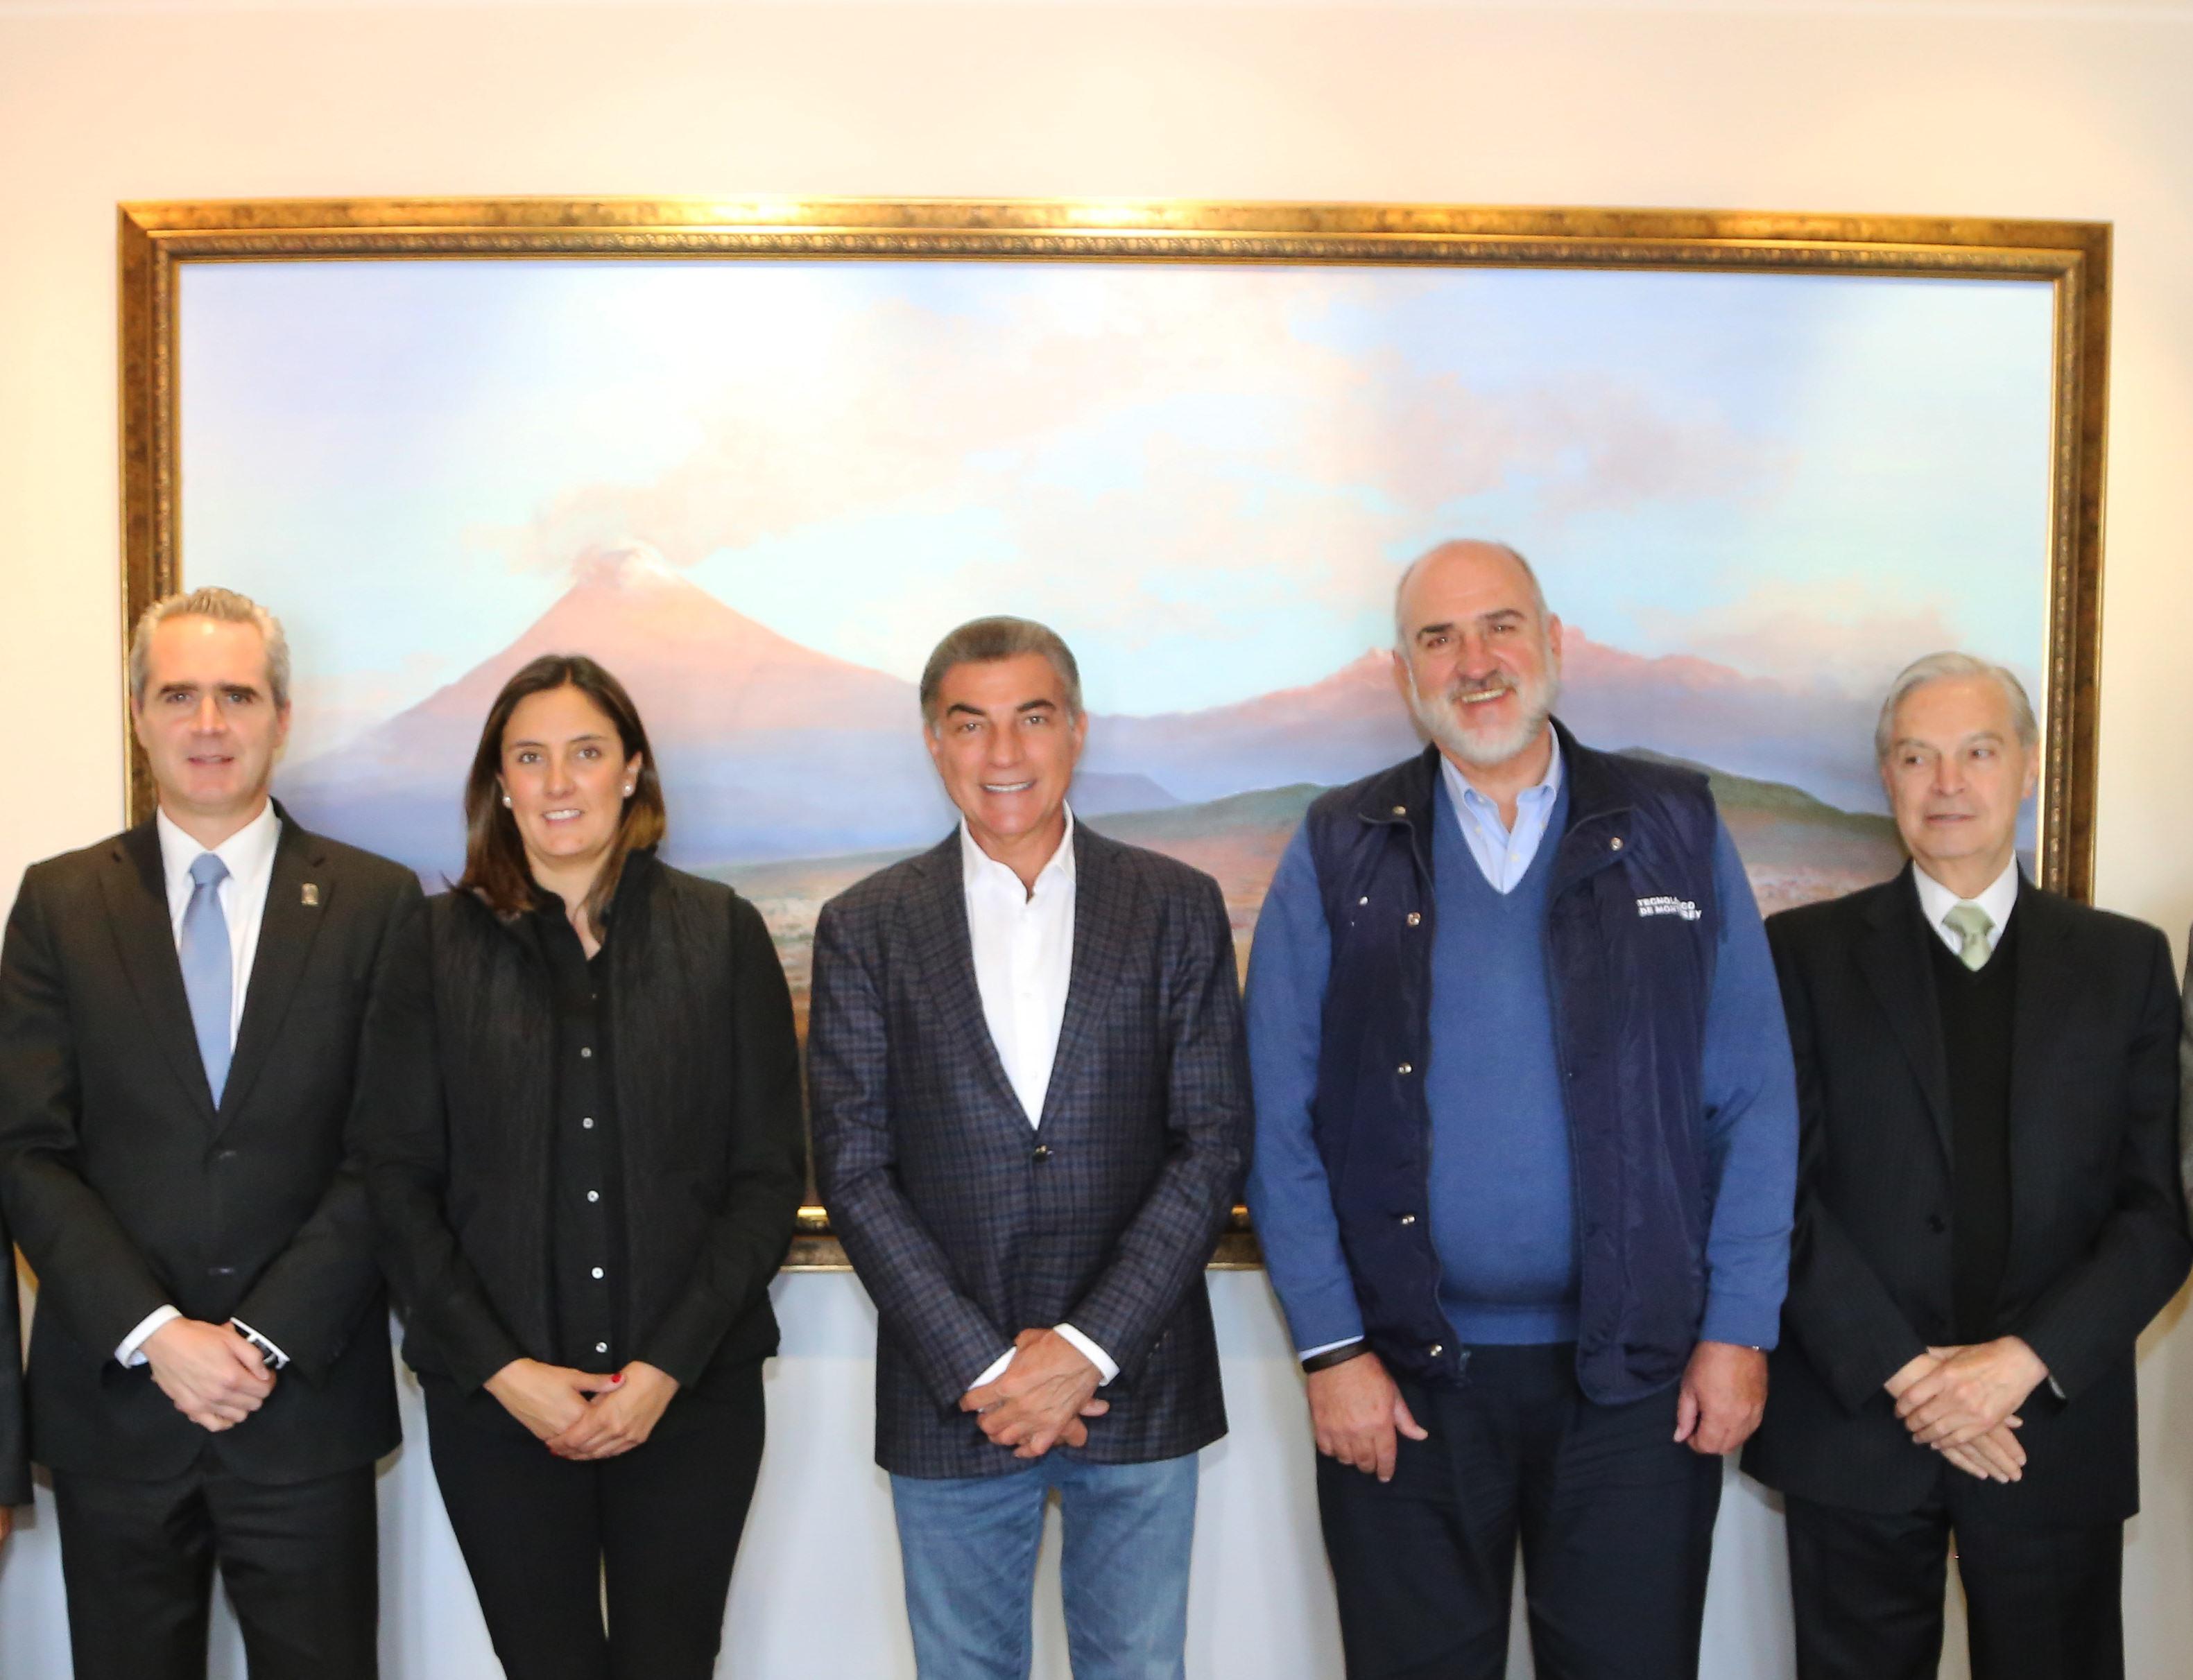 Reunión de trabajo del gobernador Gali y rectores del Consorcio Universitario